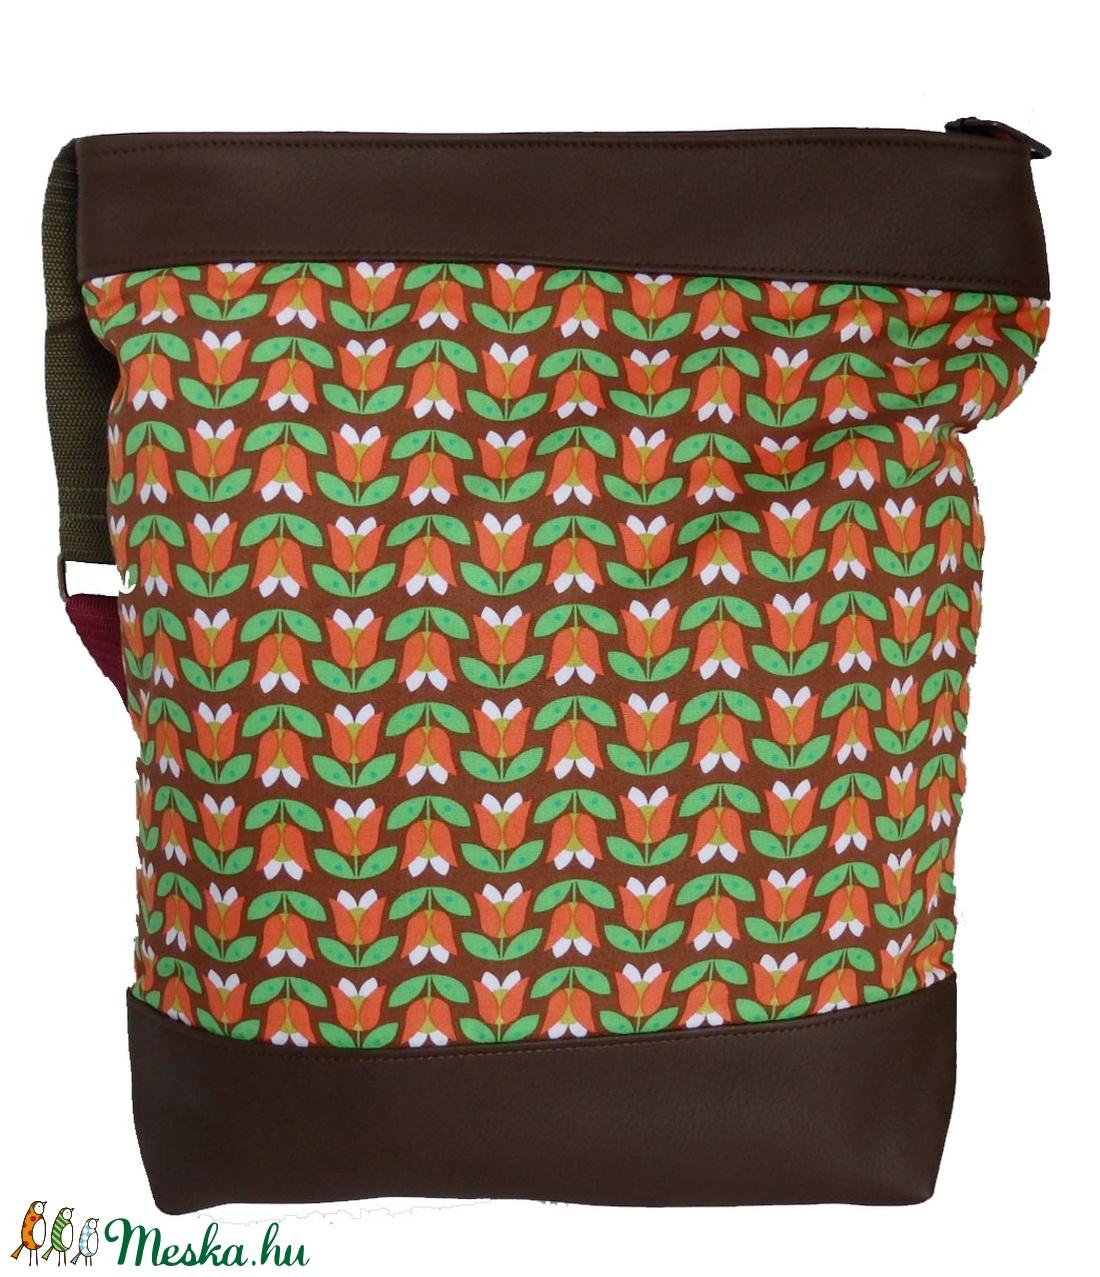 Tulipános táska (gubolyka) - Meska.hu